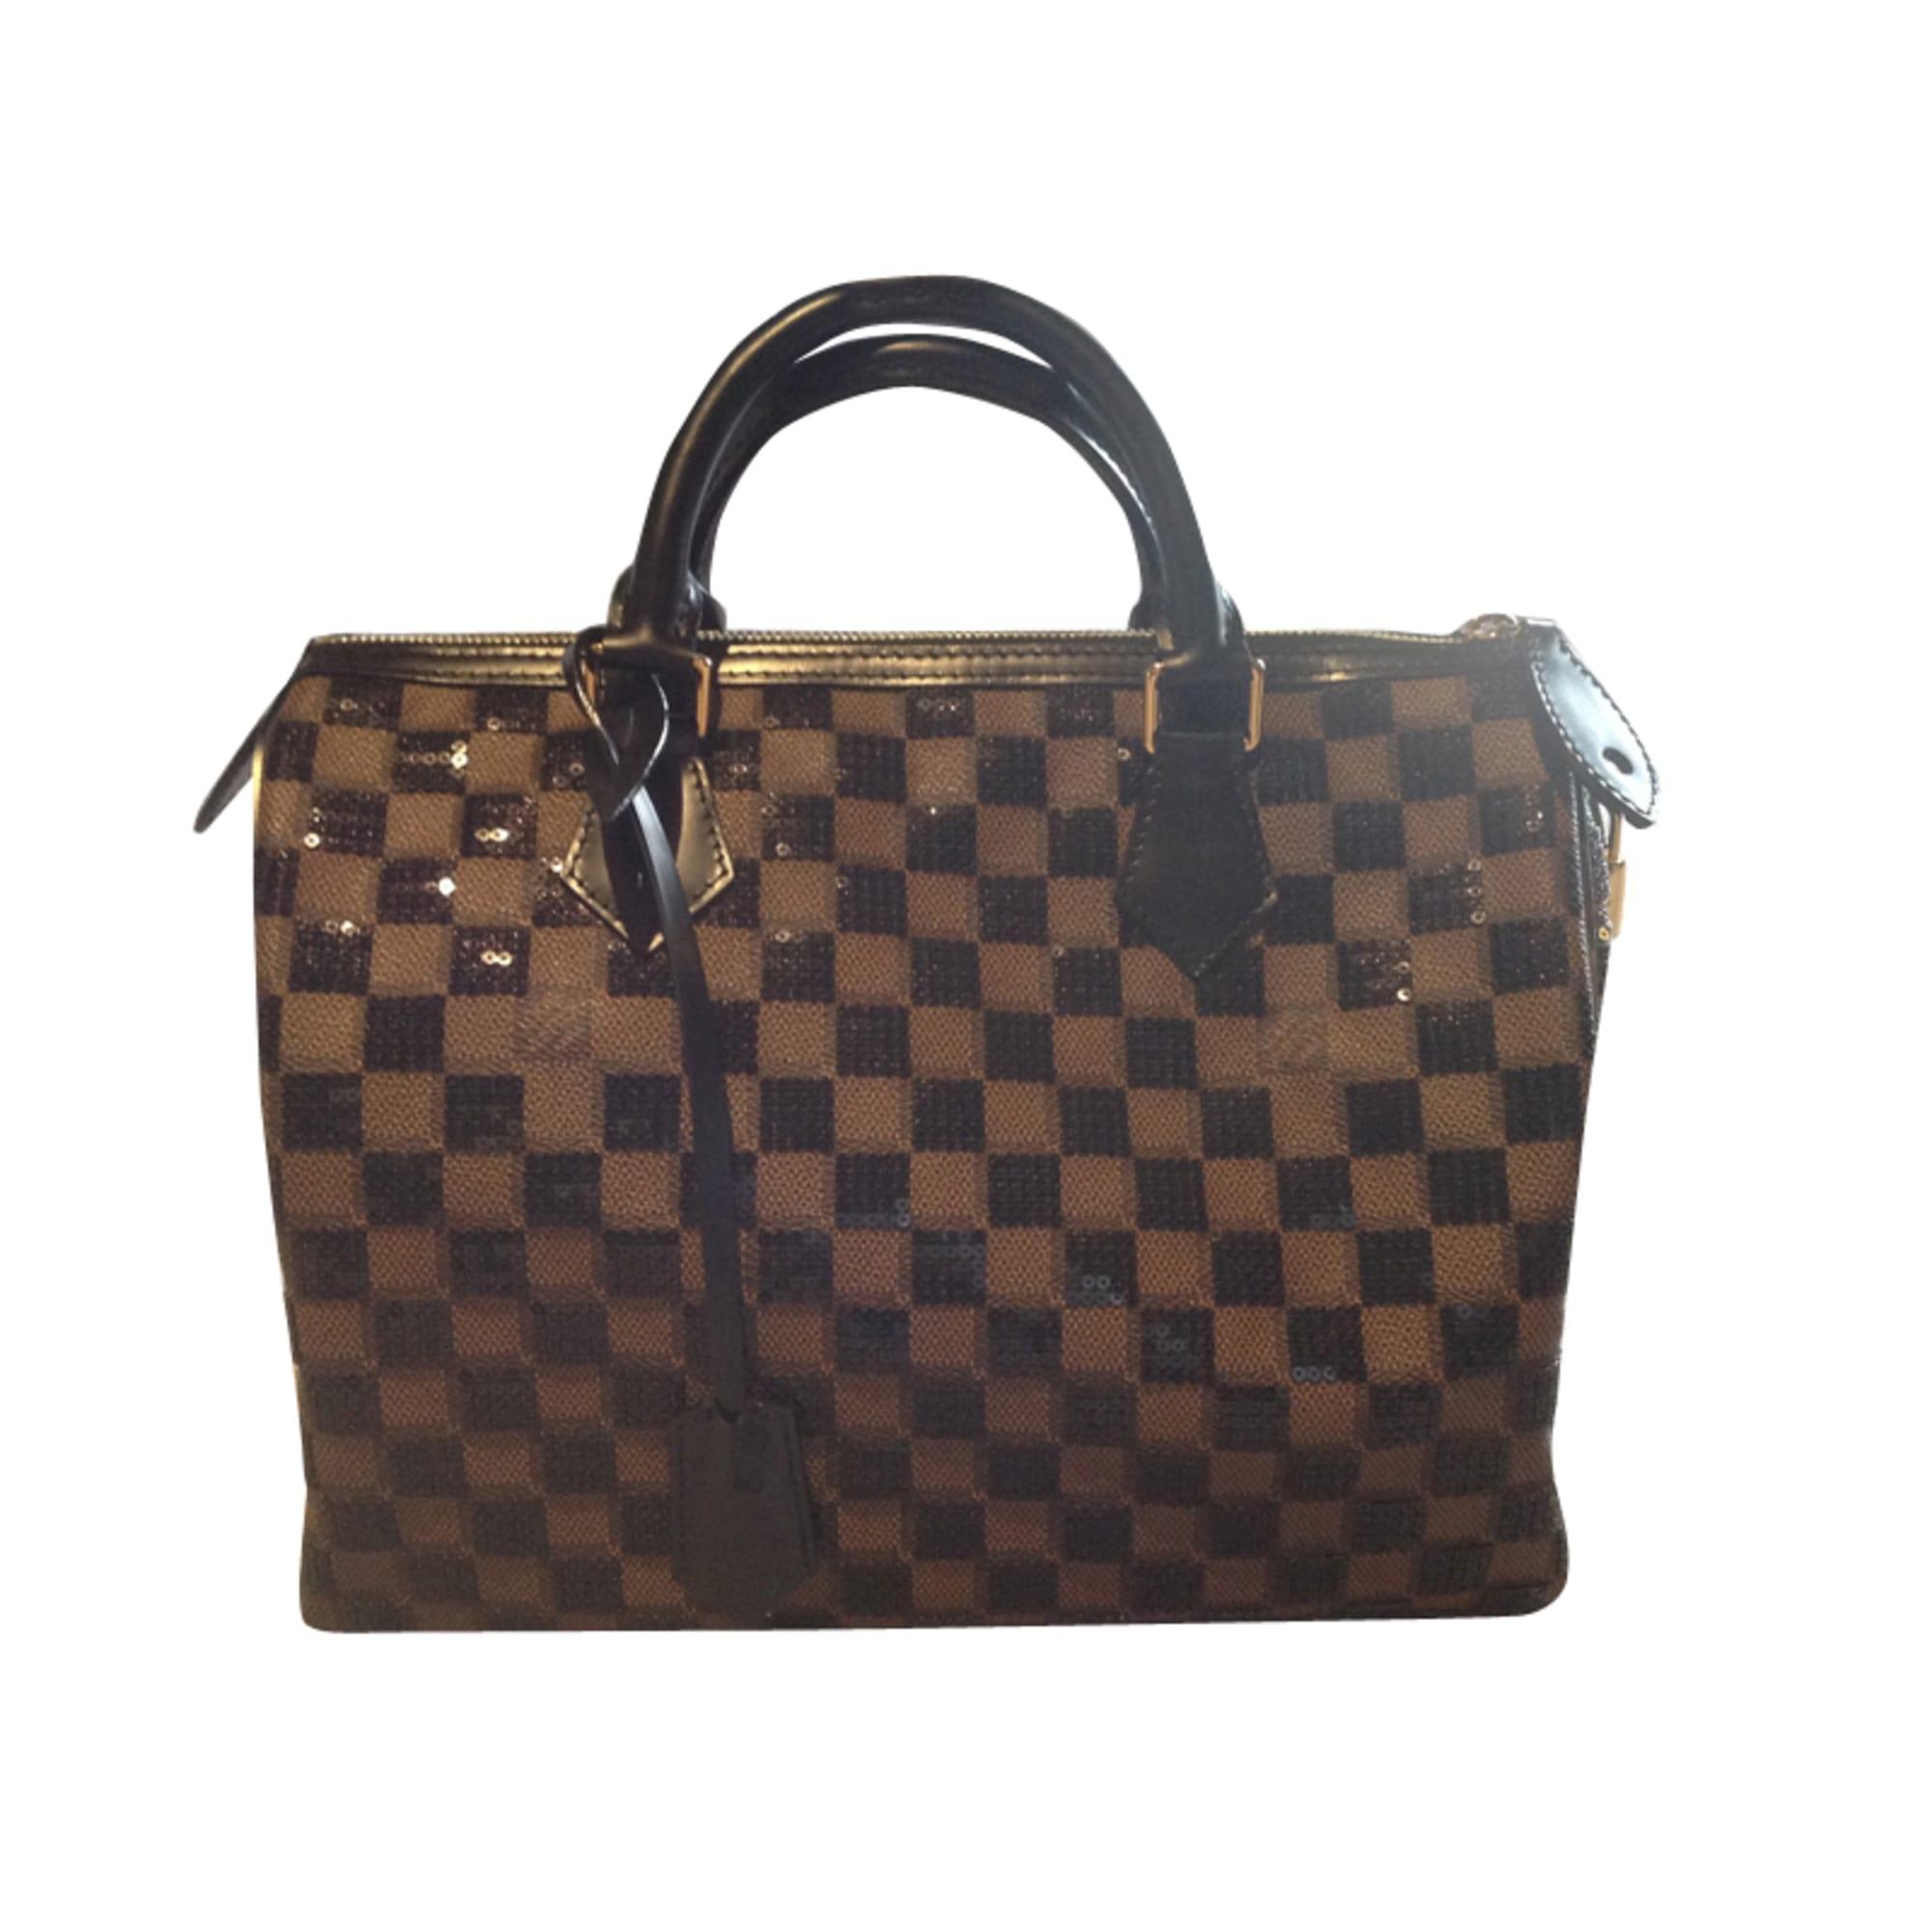 Louis Vuitton Handtasche : handtasche stoff louis vuitton speedy schwarz 4017246 ~ Watch28wear.com Haus und Dekorationen